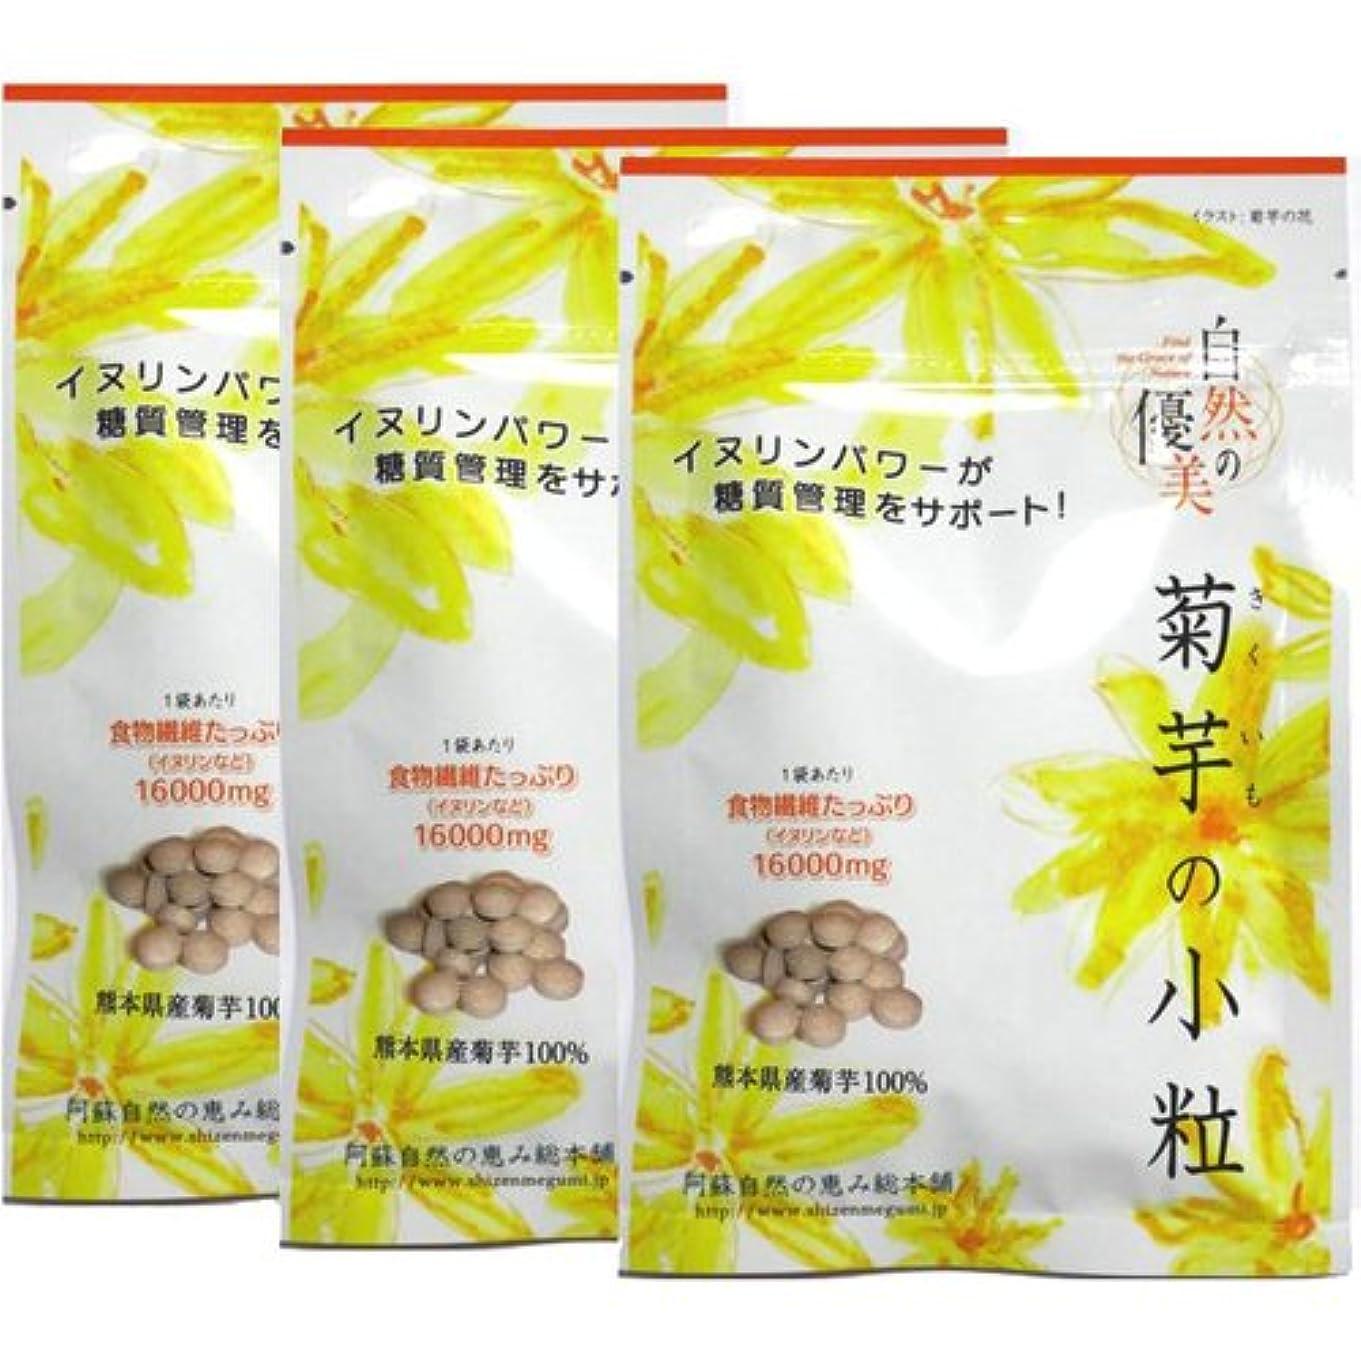 ラッカスパスふける阿蘇自然の恵み総本舗 菊芋の小粒 100錠×3袋